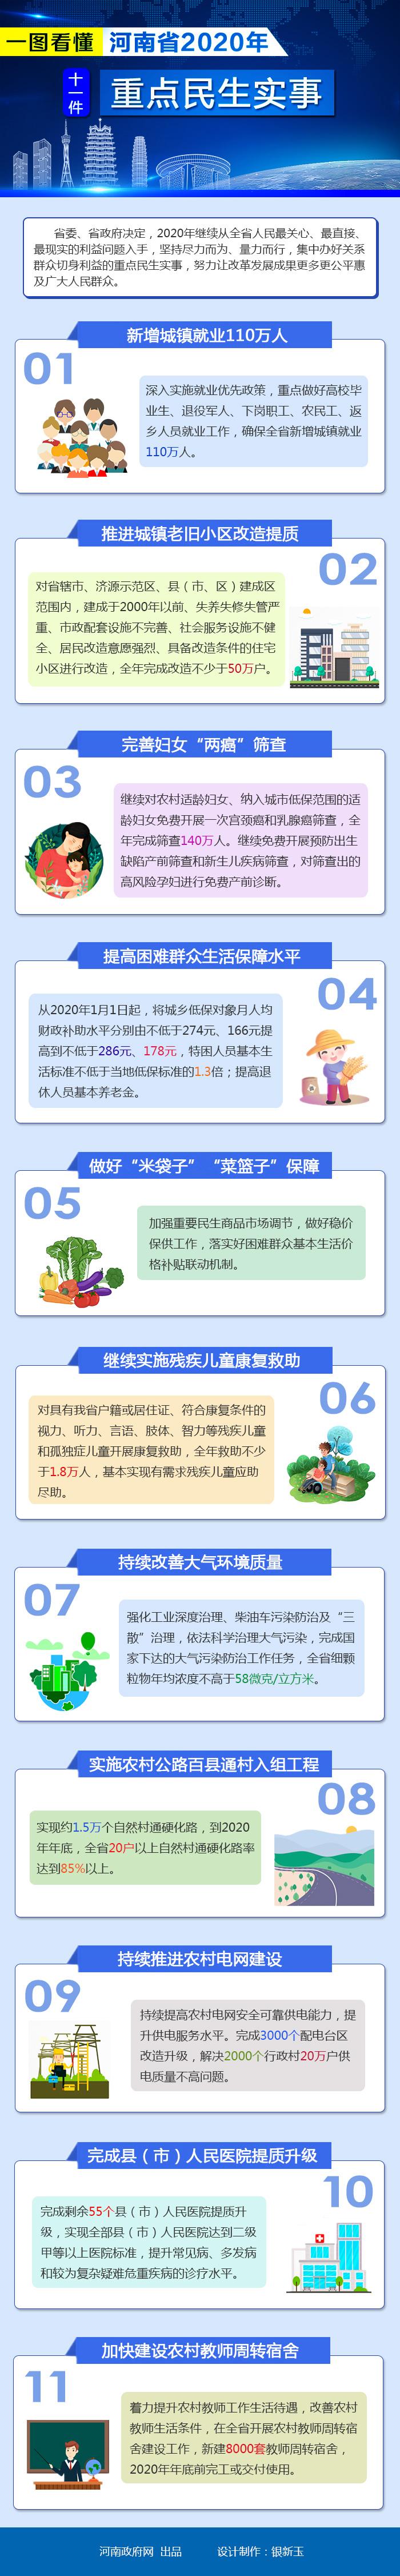 2020民生实事图解.jpg